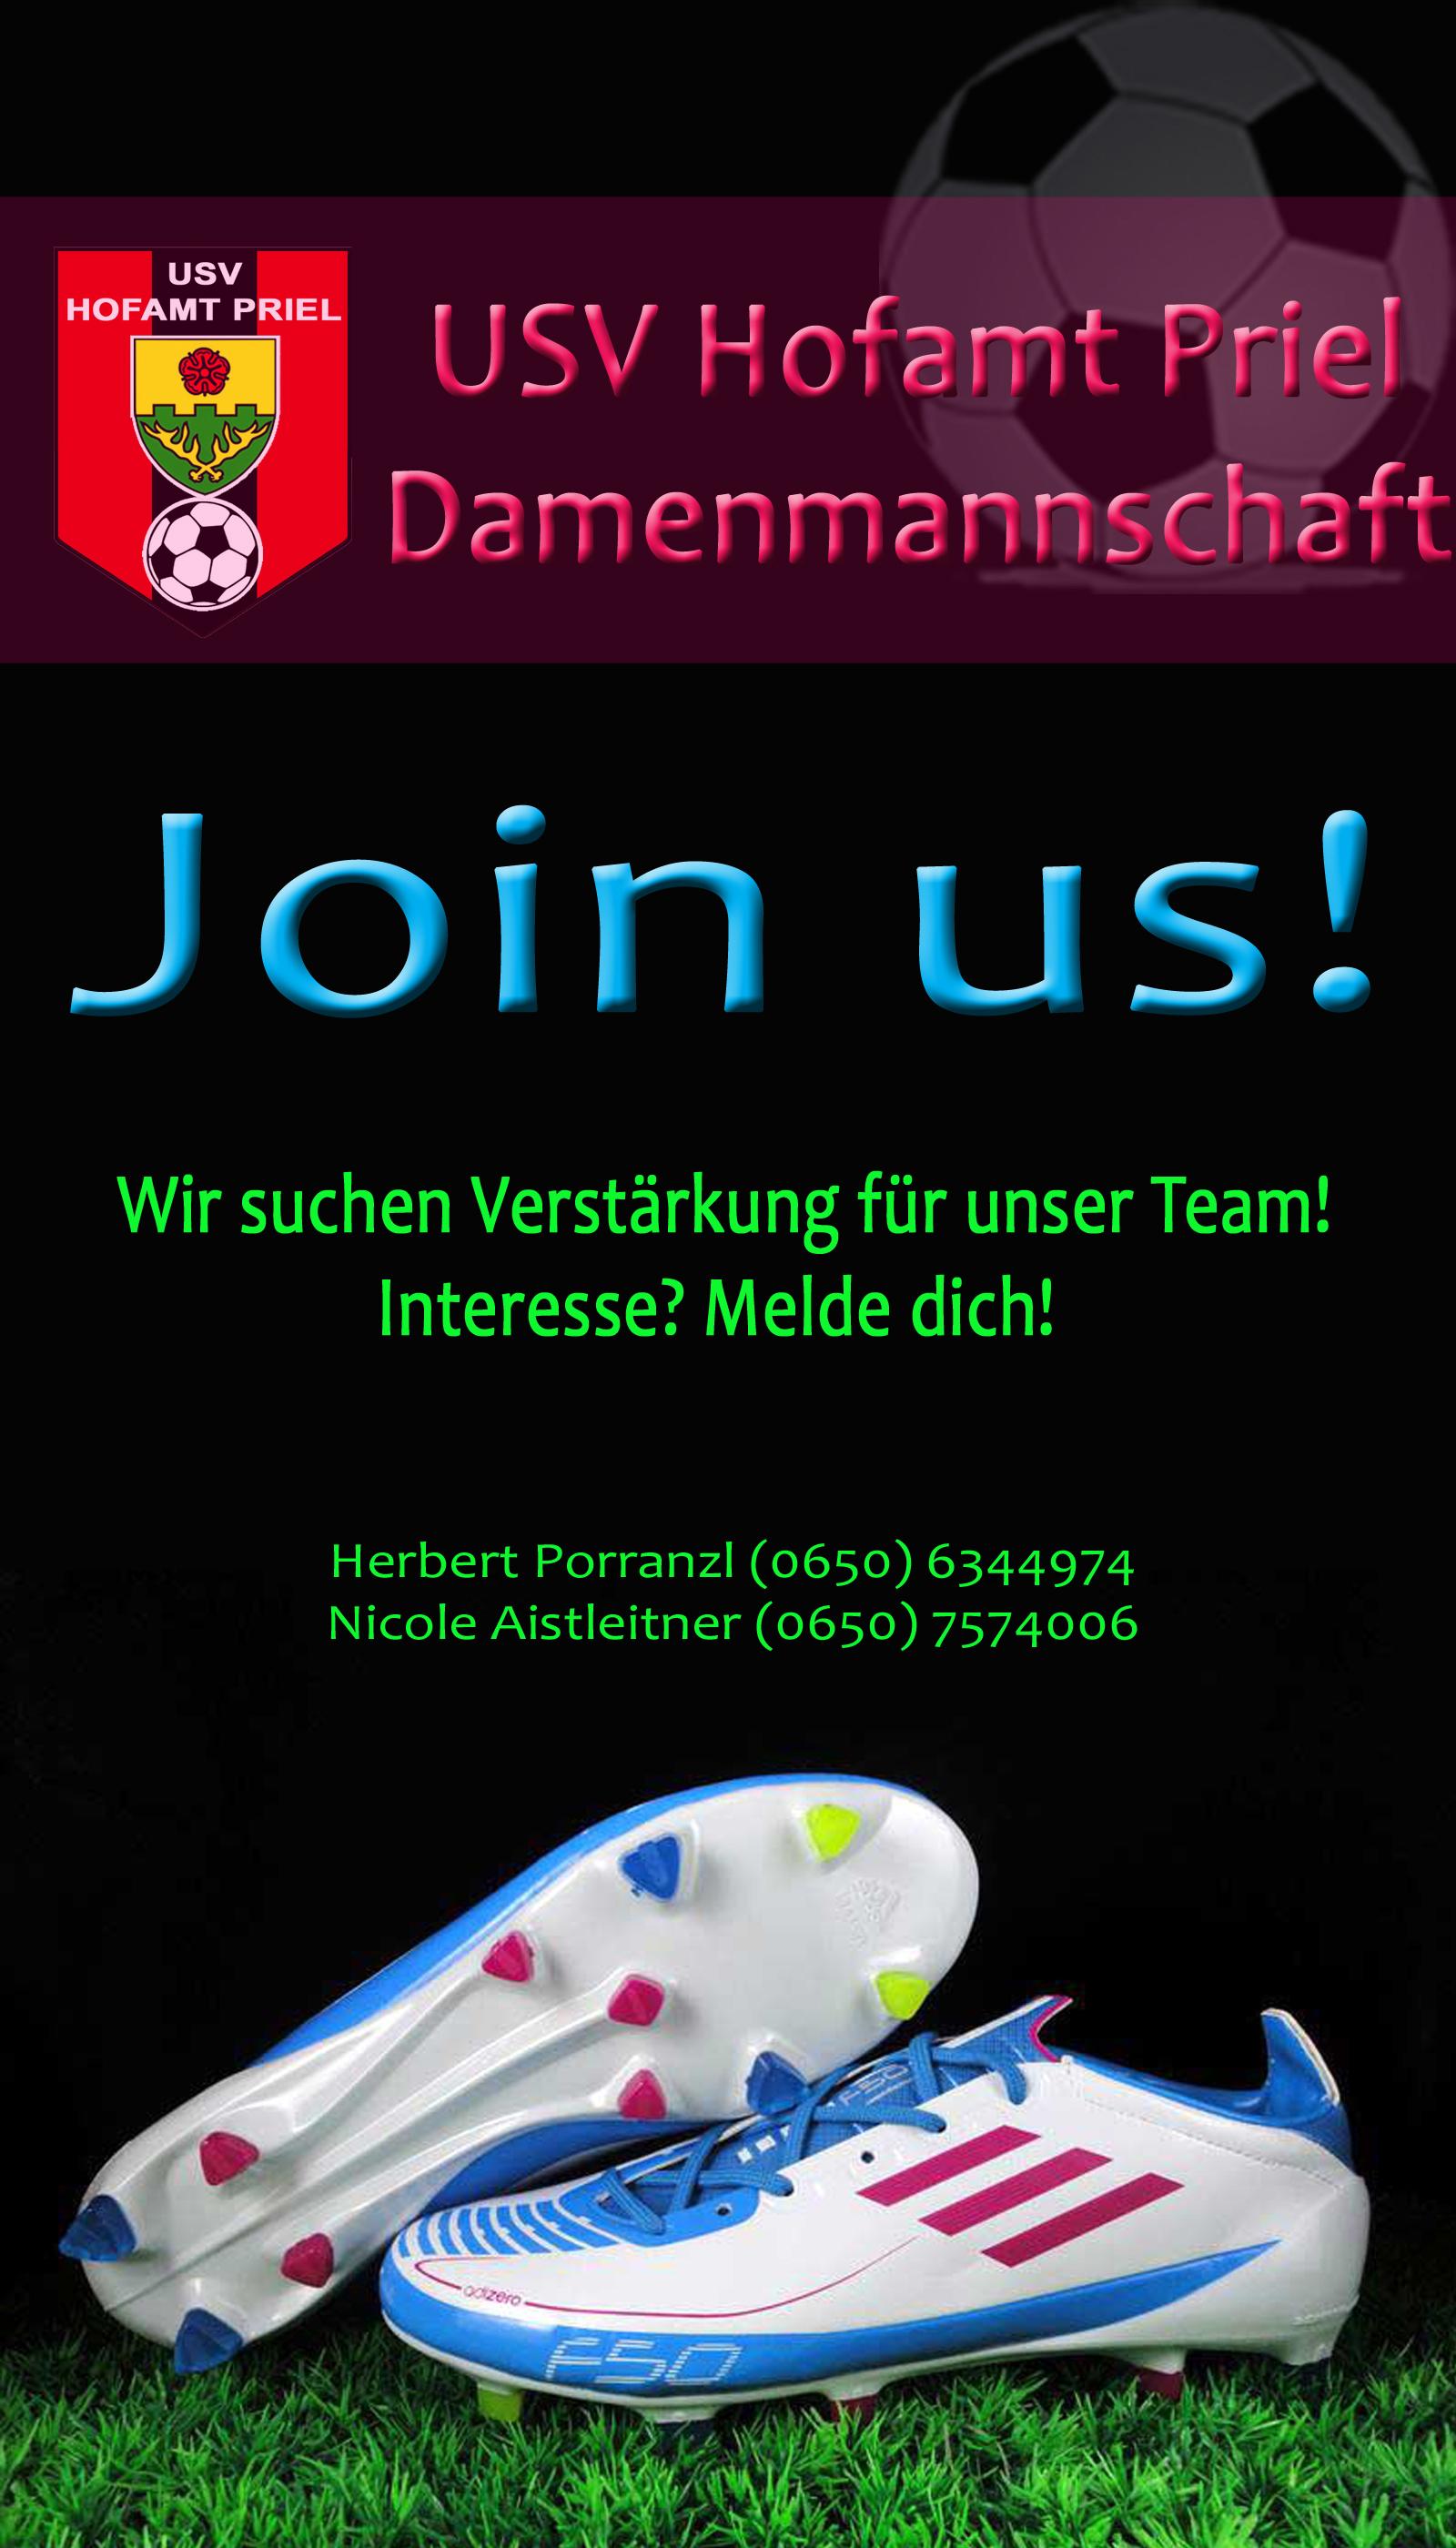 join us_variante 2_flyer_usv hofamt priel damen_2